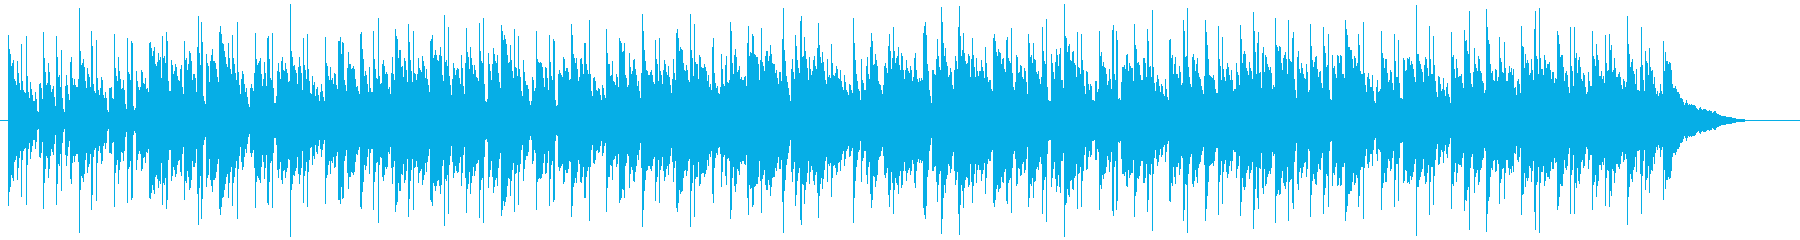 明るい雰囲気のボサノバの再生済みの波形